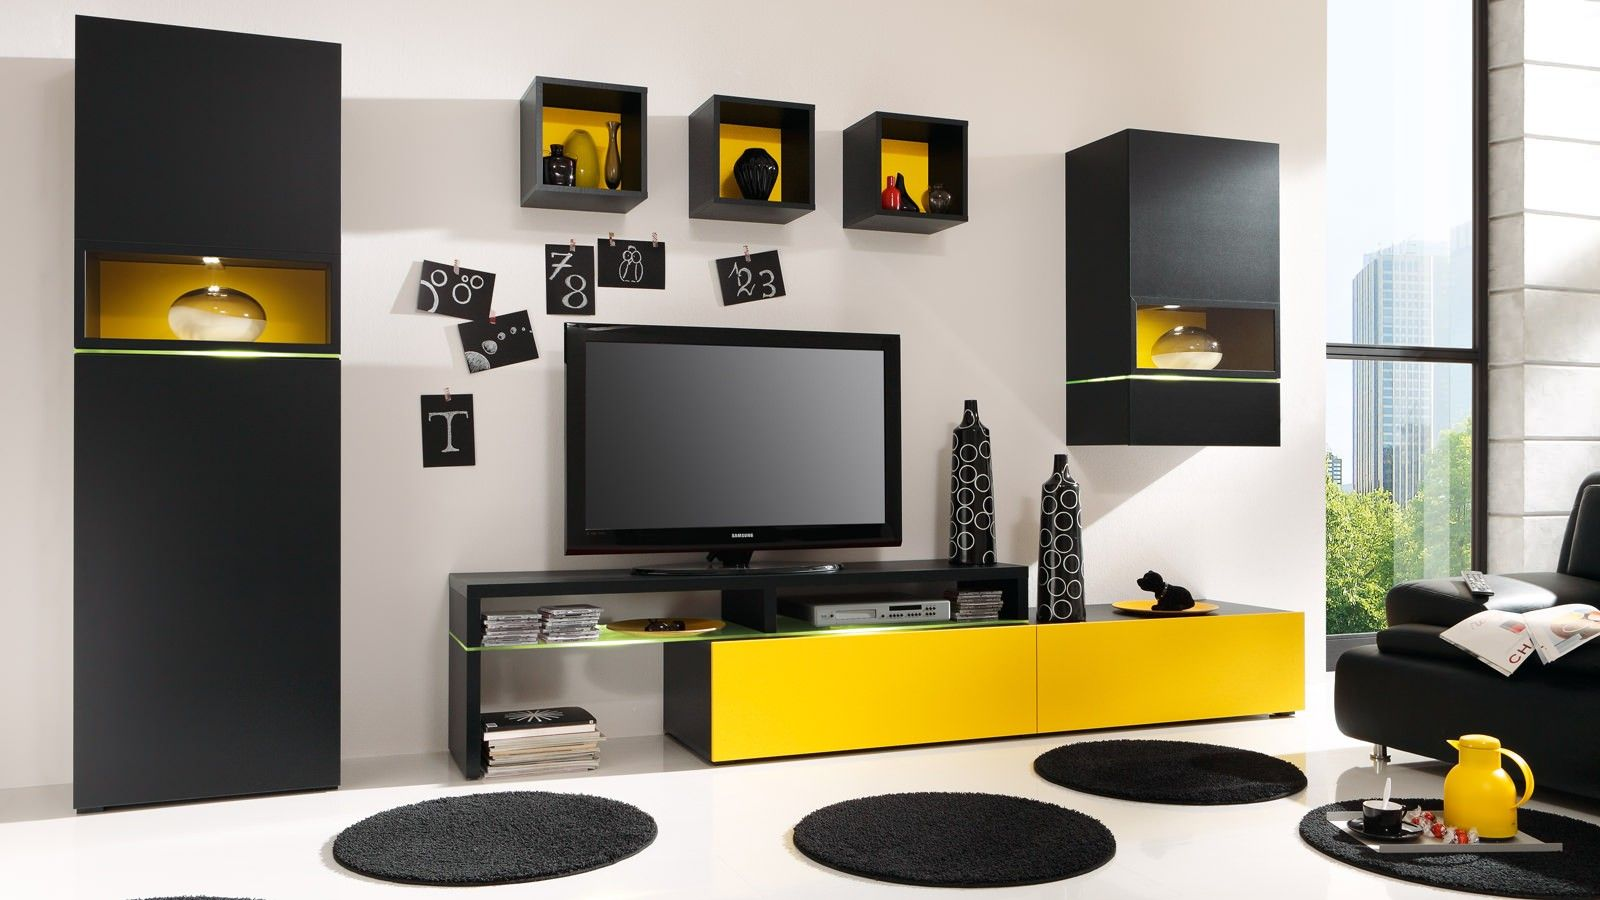 Wohnwand Cameron Mit Tv Teil Und Beleuchtung Moderne Schrankwande Wohnen Wohnwand